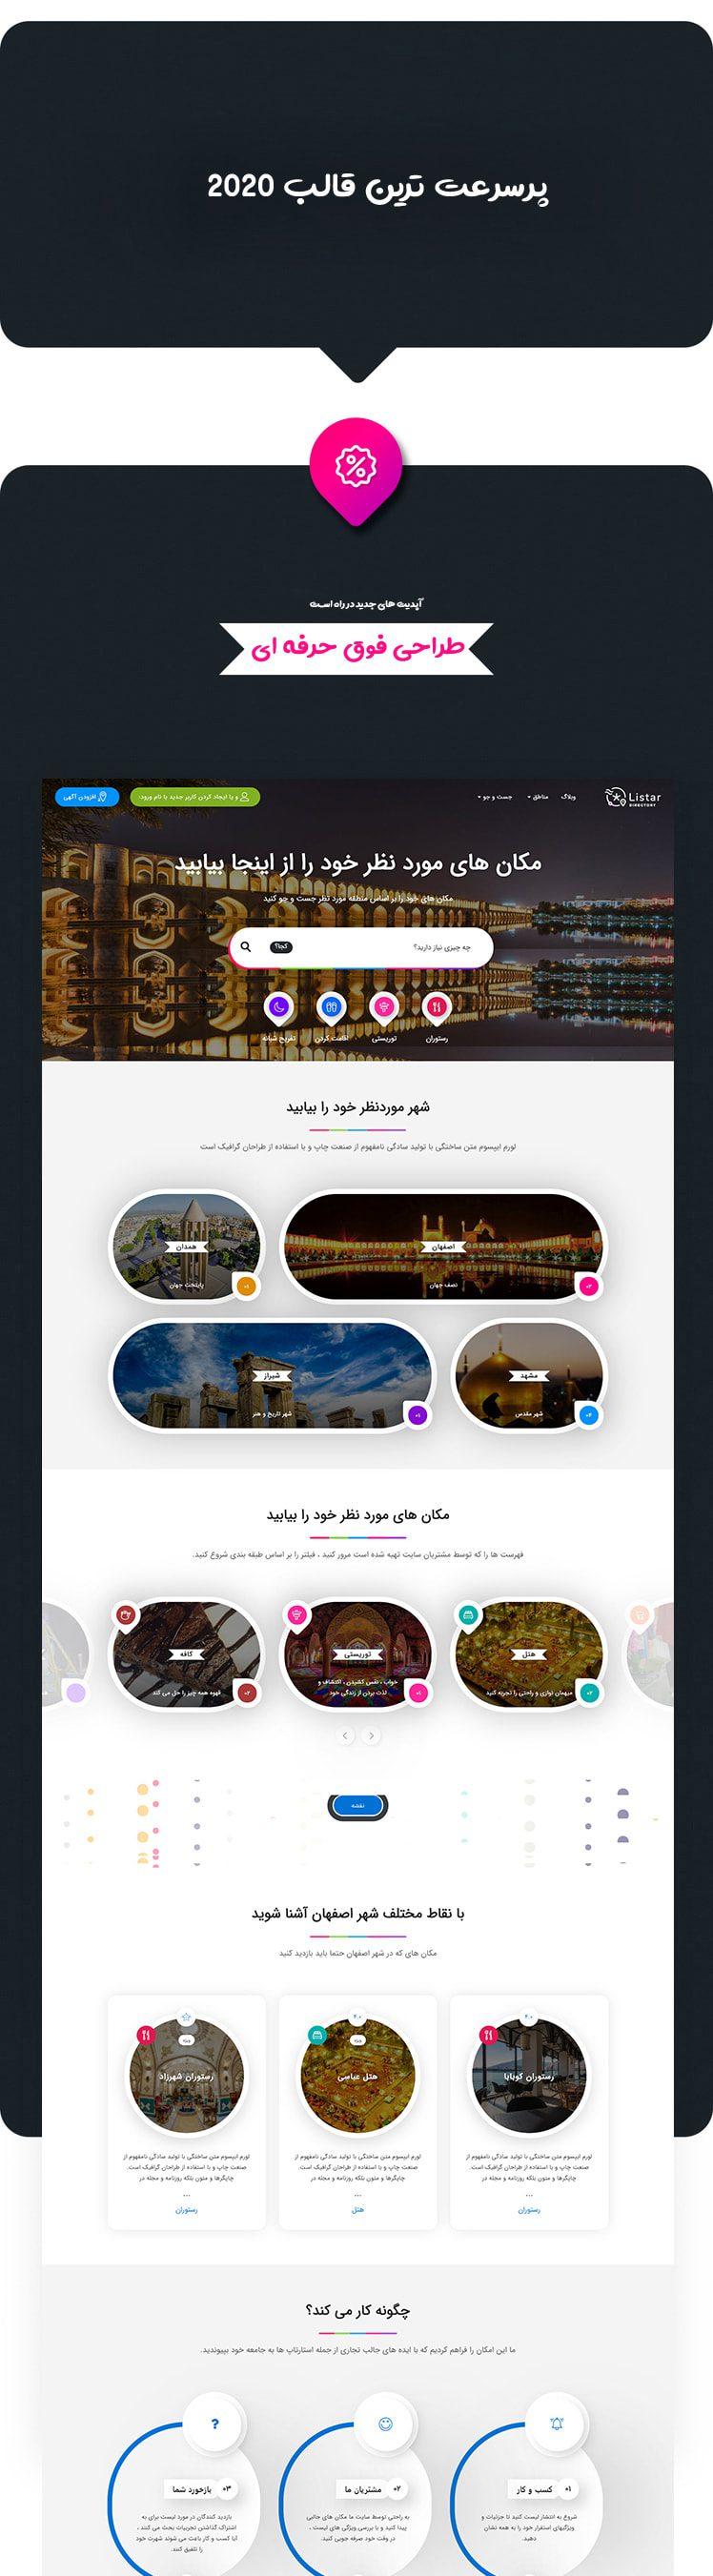 طراحی فوق حرفه ای/ قالب آگهی و دایرکتوری Listar